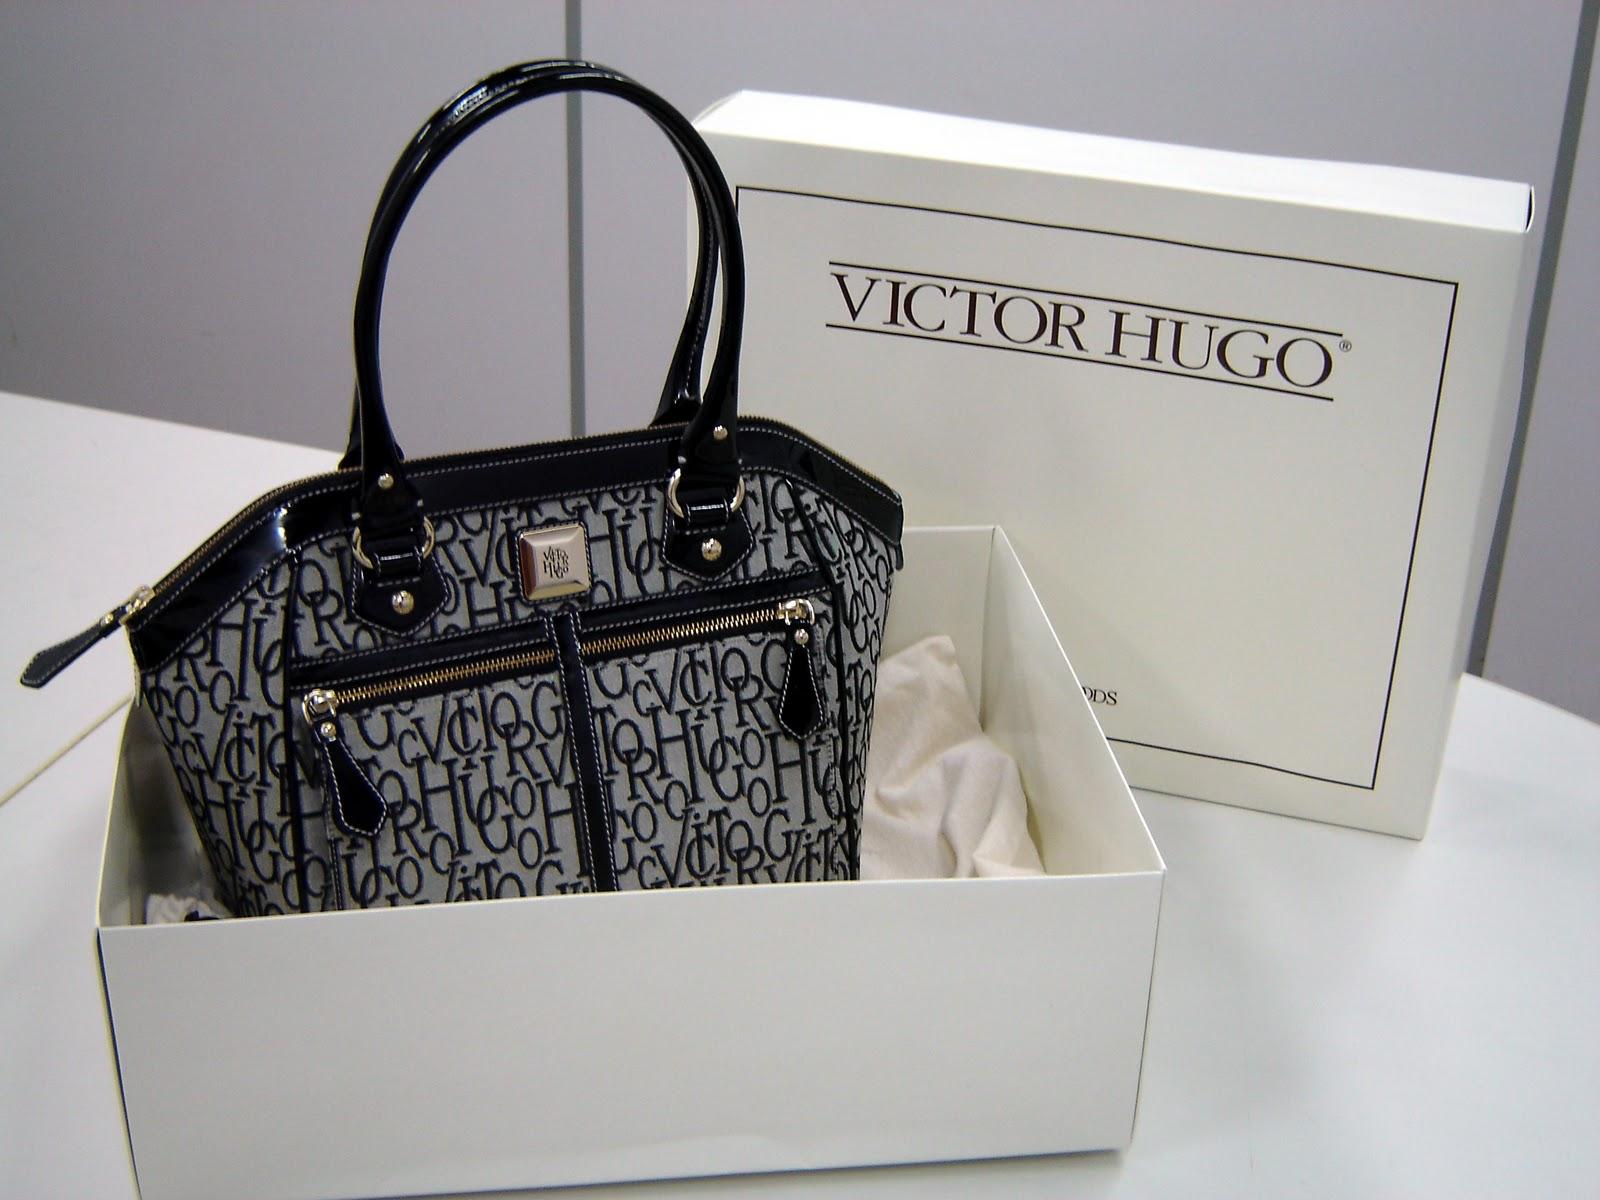 544823ca641cb La VH característica de esta marca y sus diferentes monogramas se han  vuelto muy populares entre los vendedores de falsificaciones. VICTOR HUGO  es una marca ...